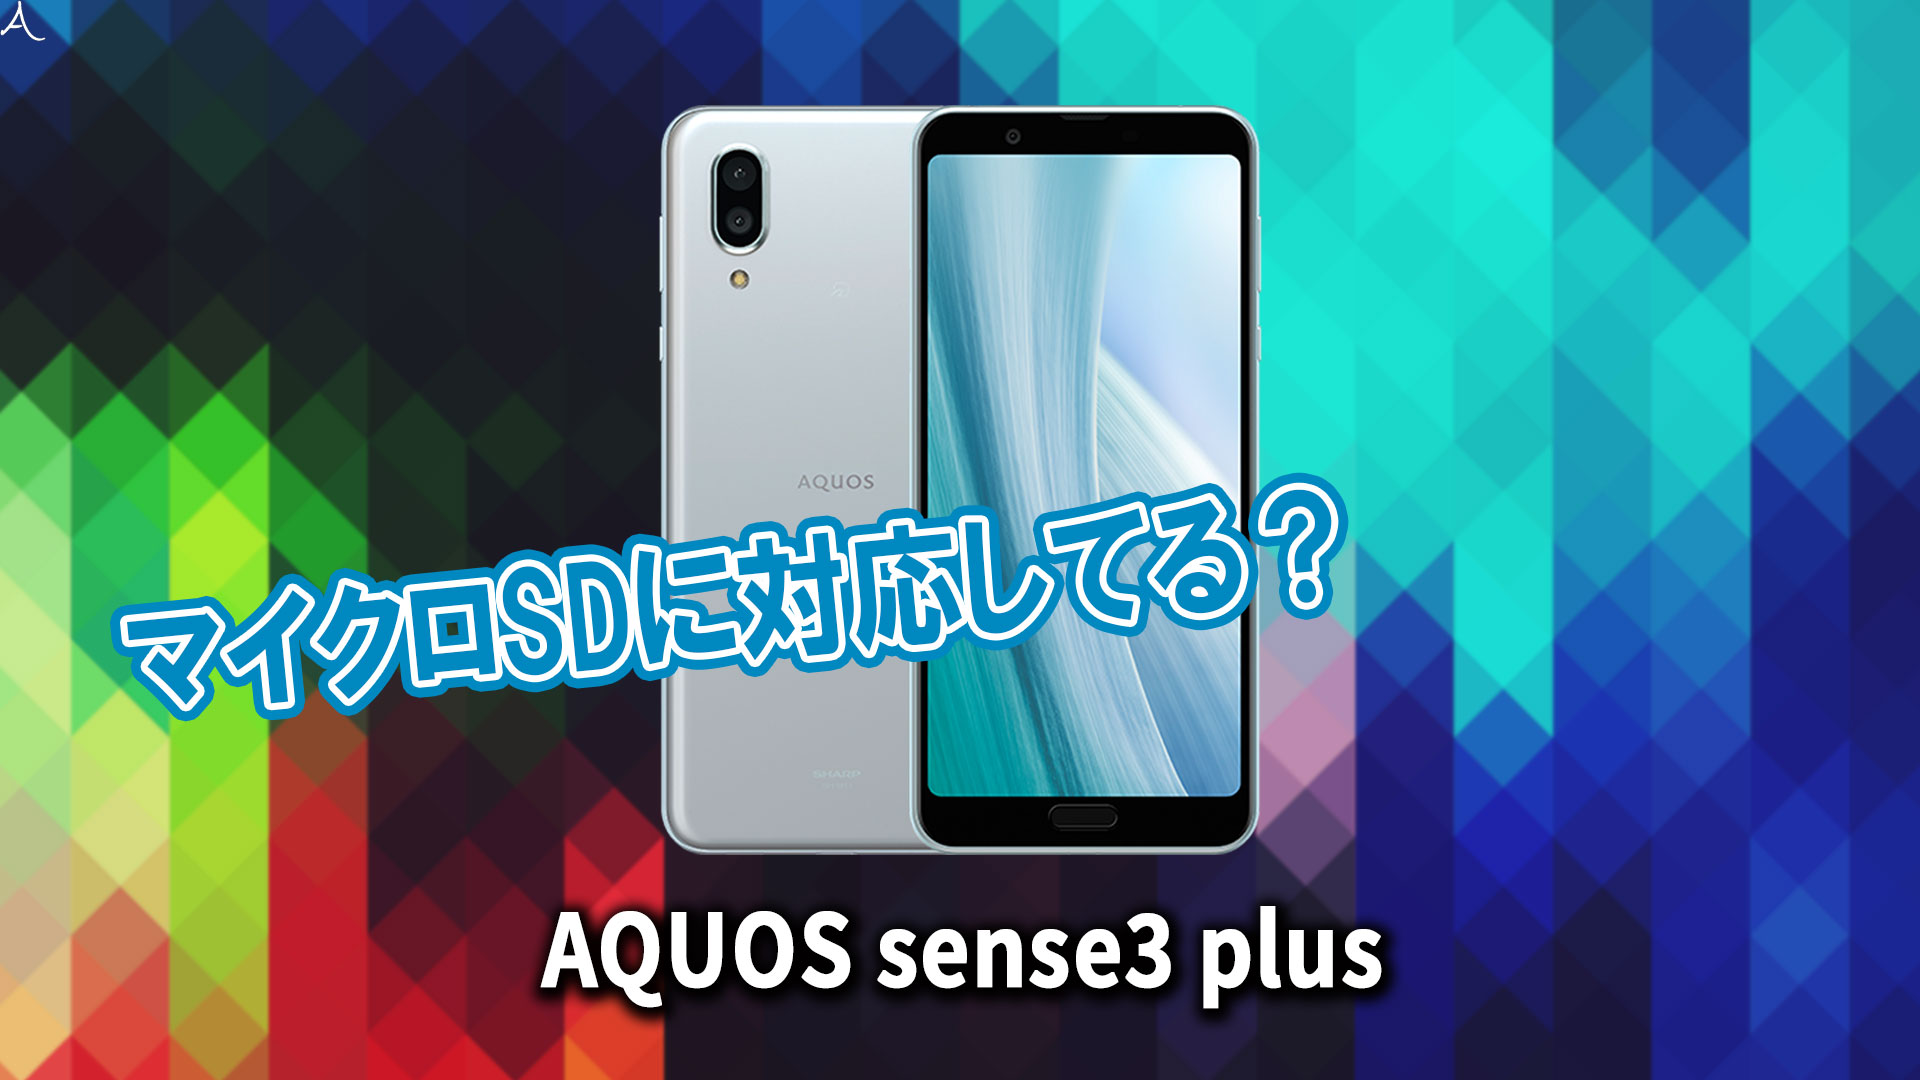 「AQUOS sense3 plus」はマイクロSDに対応してる?おすすめカードと正しい選び方